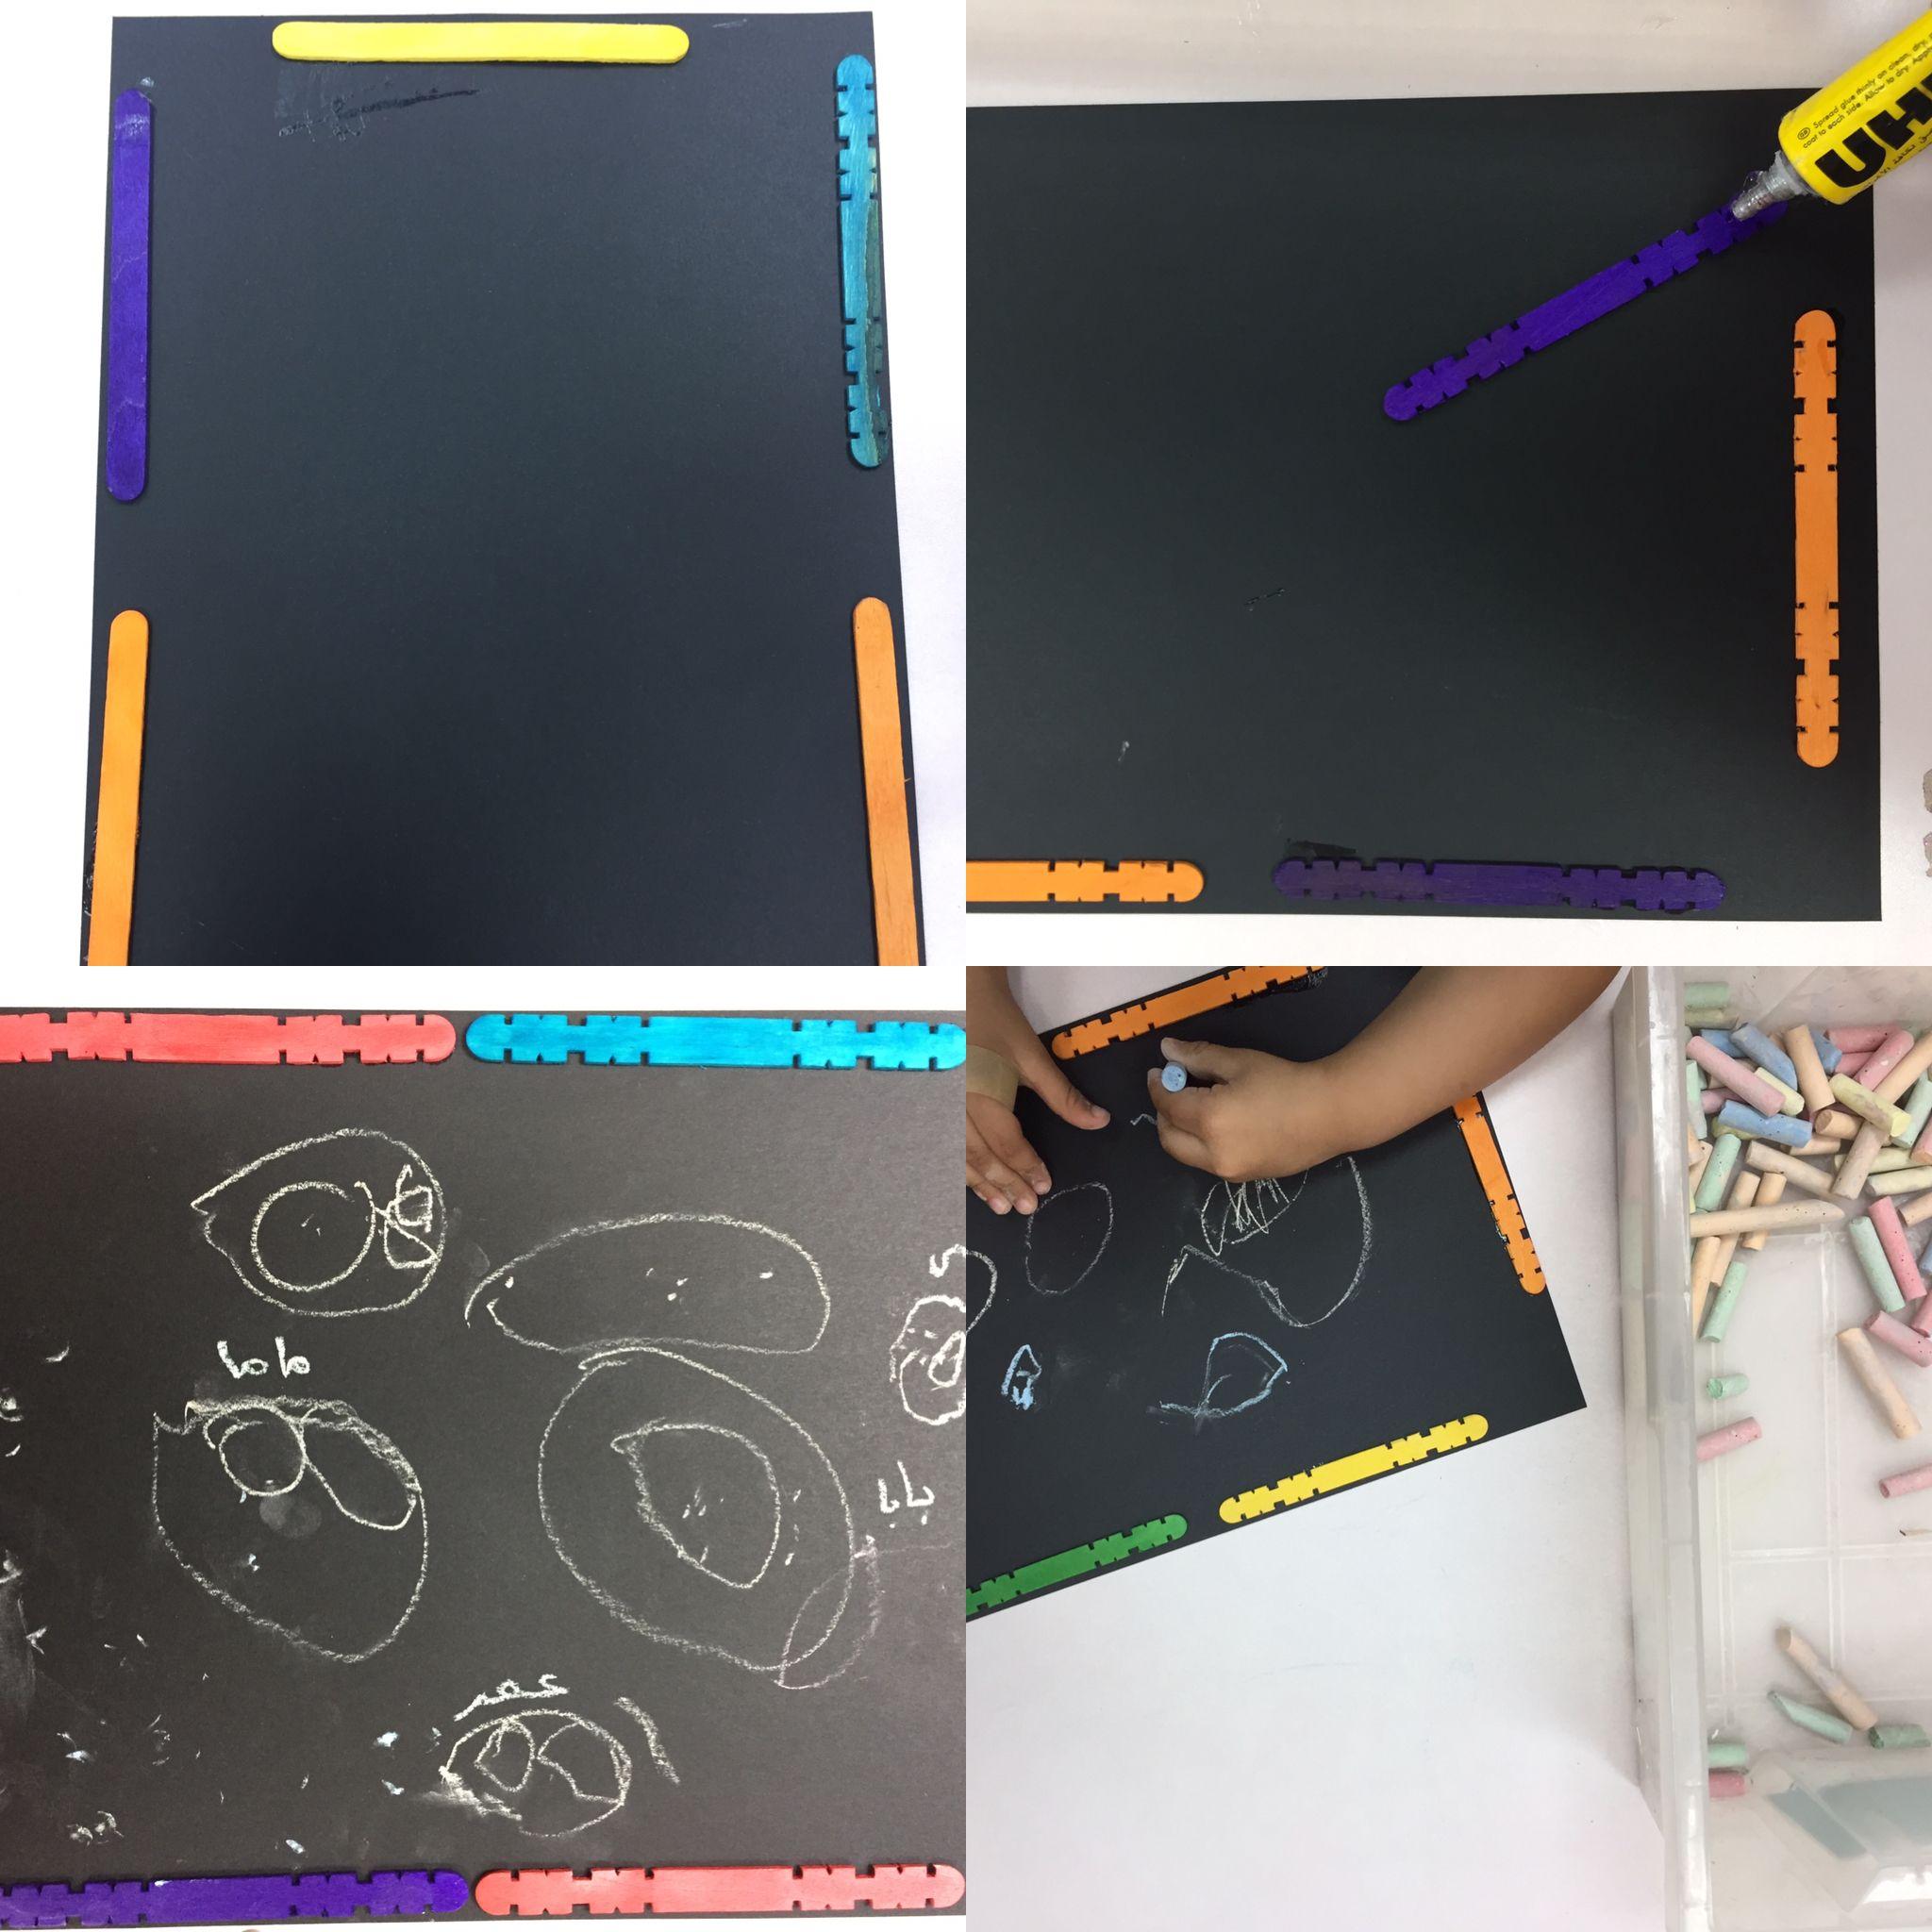 الأدوات ورق أسود أعواد ايس كريم ملونة غراء طباشير Electronic Products Electronics Laptop